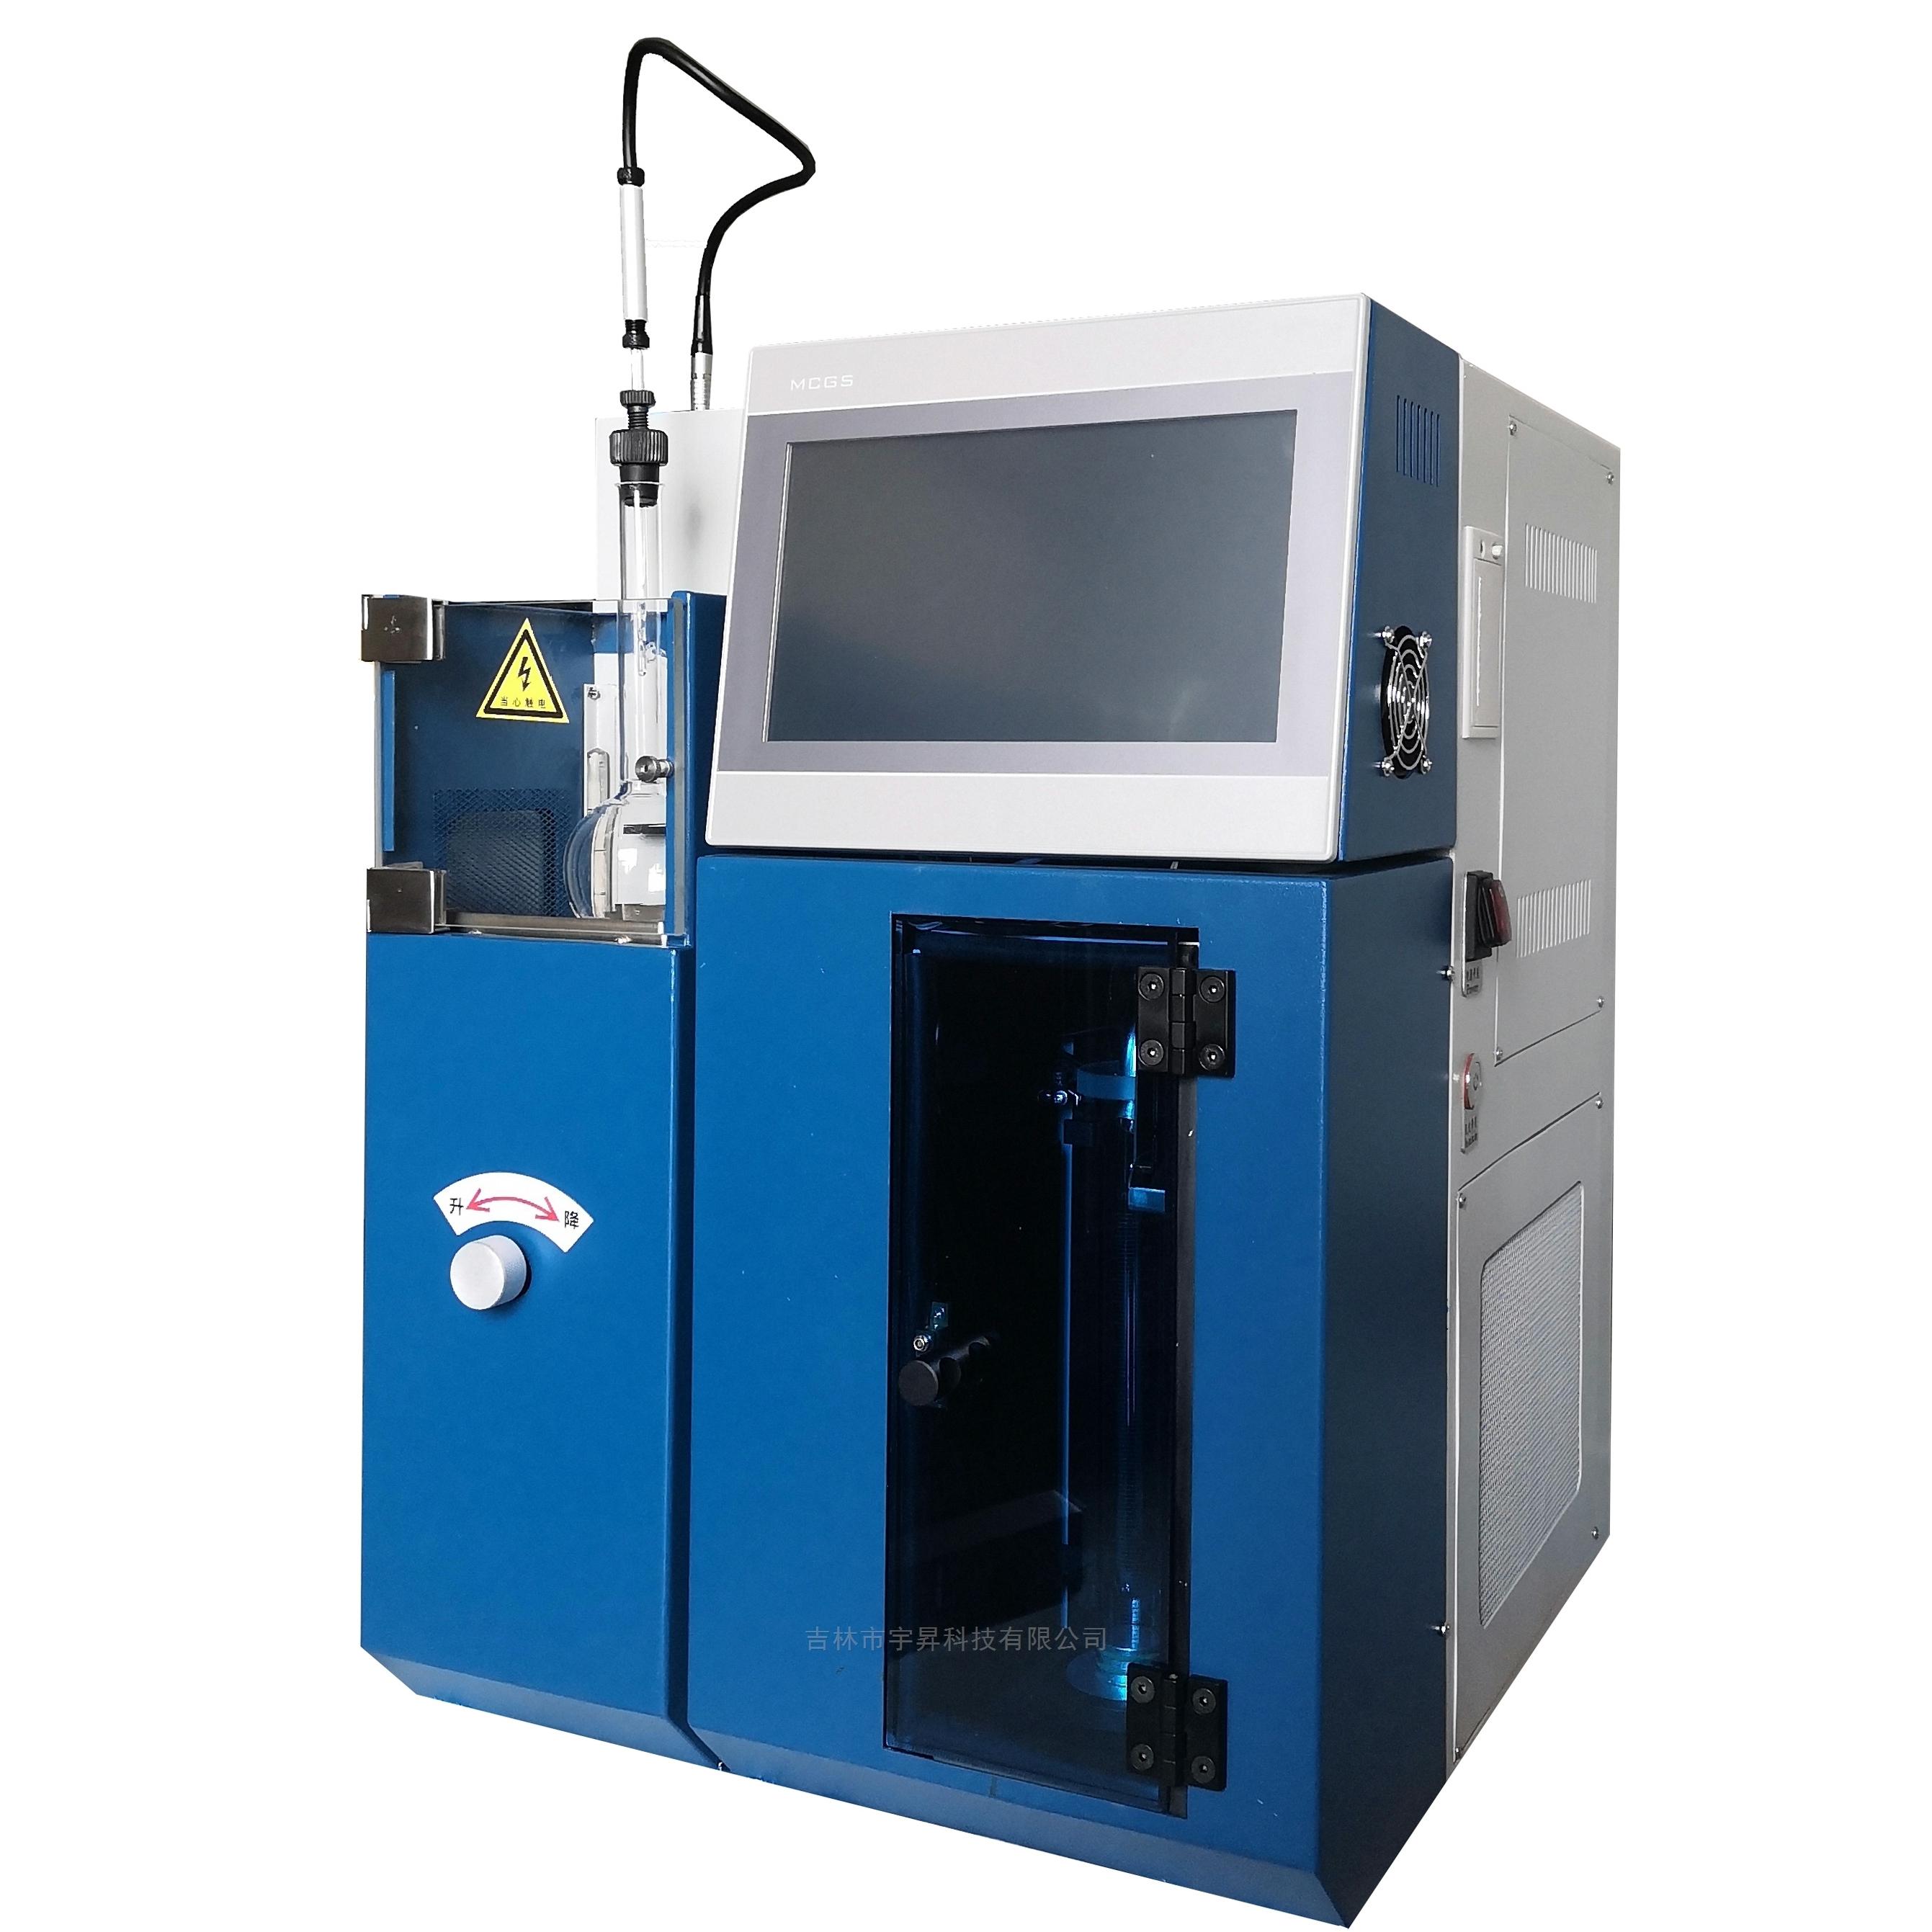 餾程測定儀廠家